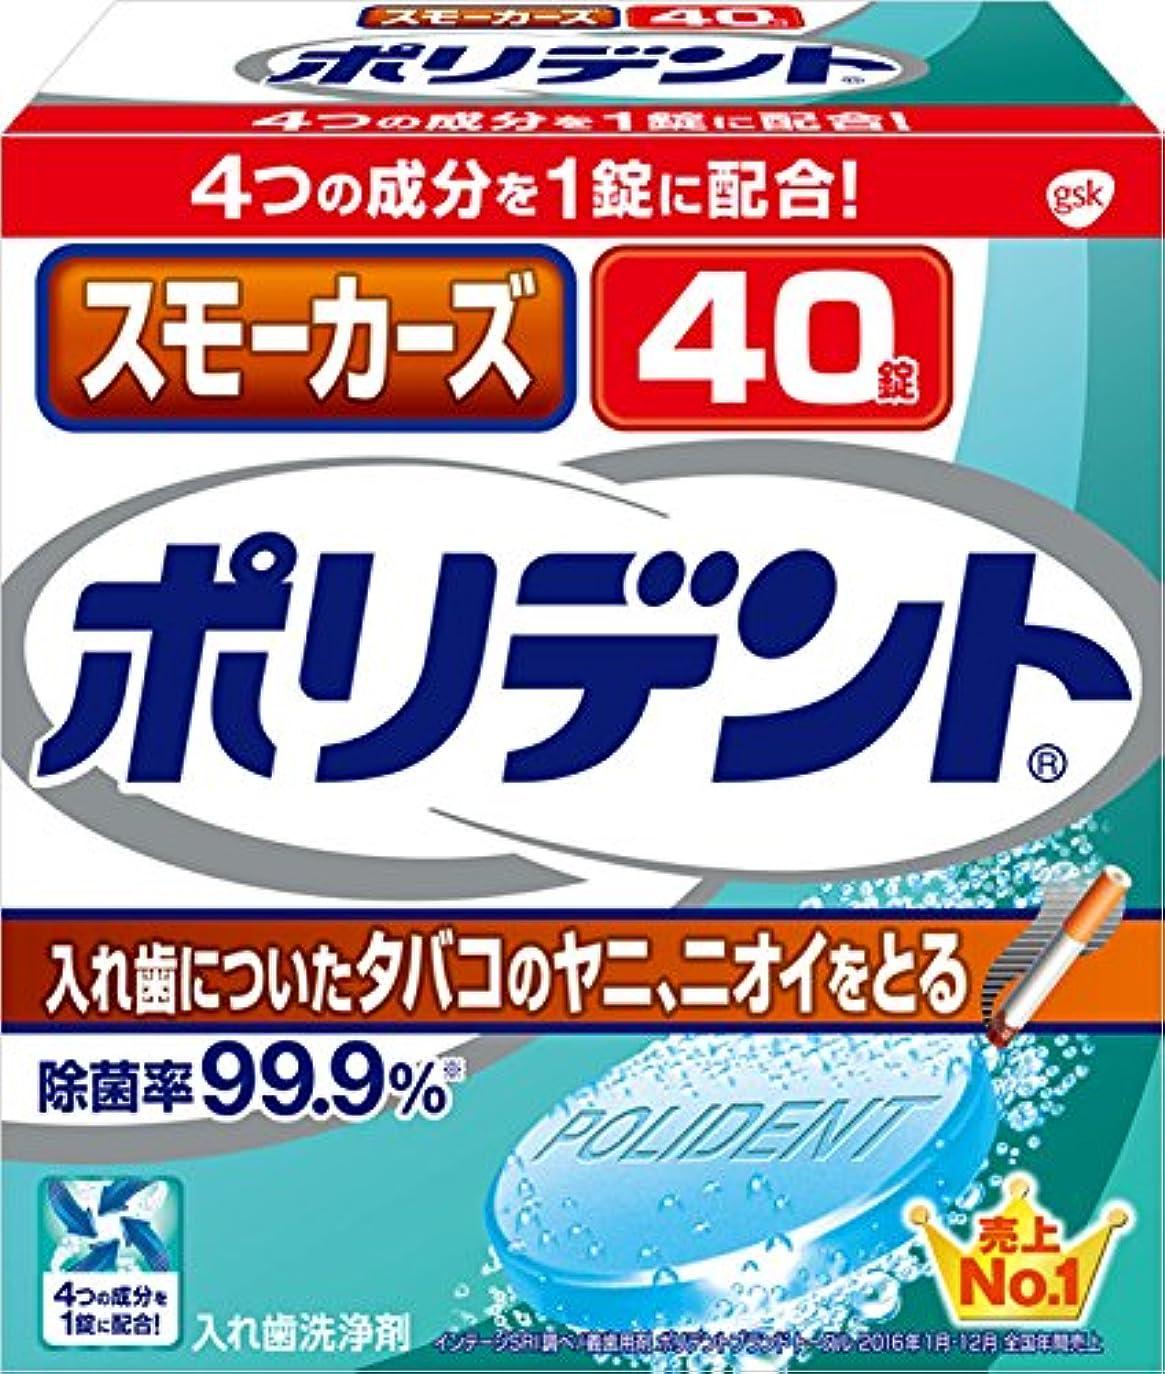 無条件専門用語発見入れ歯洗浄剤 スモーカーズ ポリデント 40錠